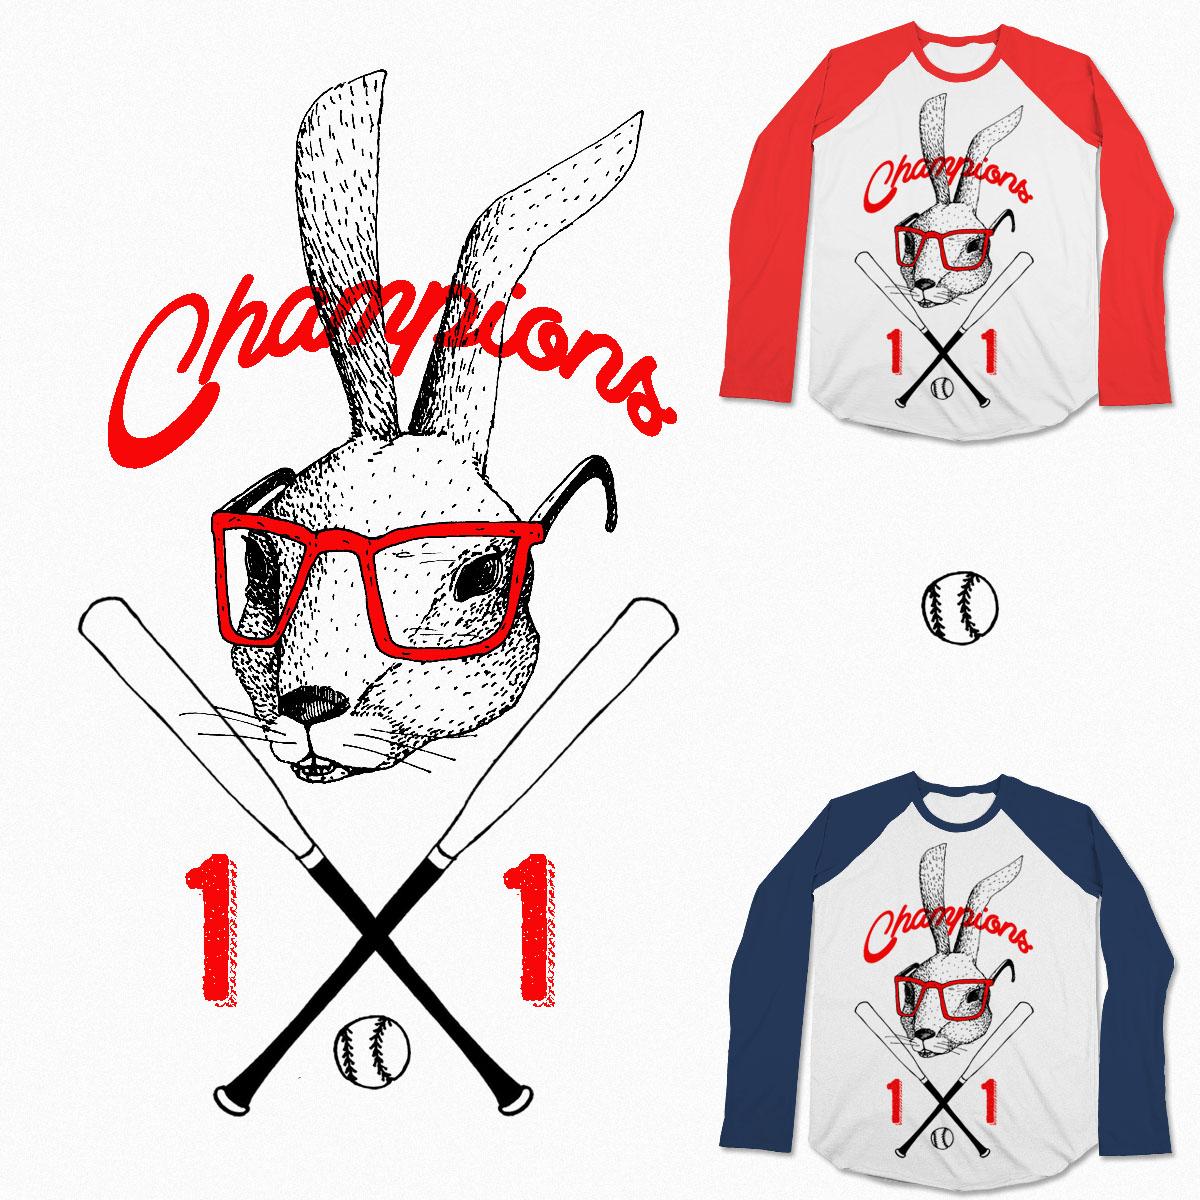 champions by anakayen on Threadless